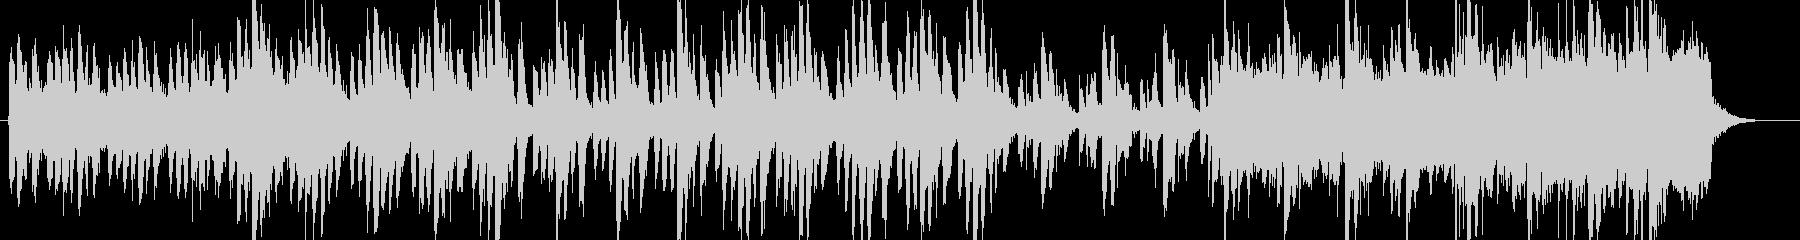 ホラー、サスペンス調のストリングス楽曲の未再生の波形